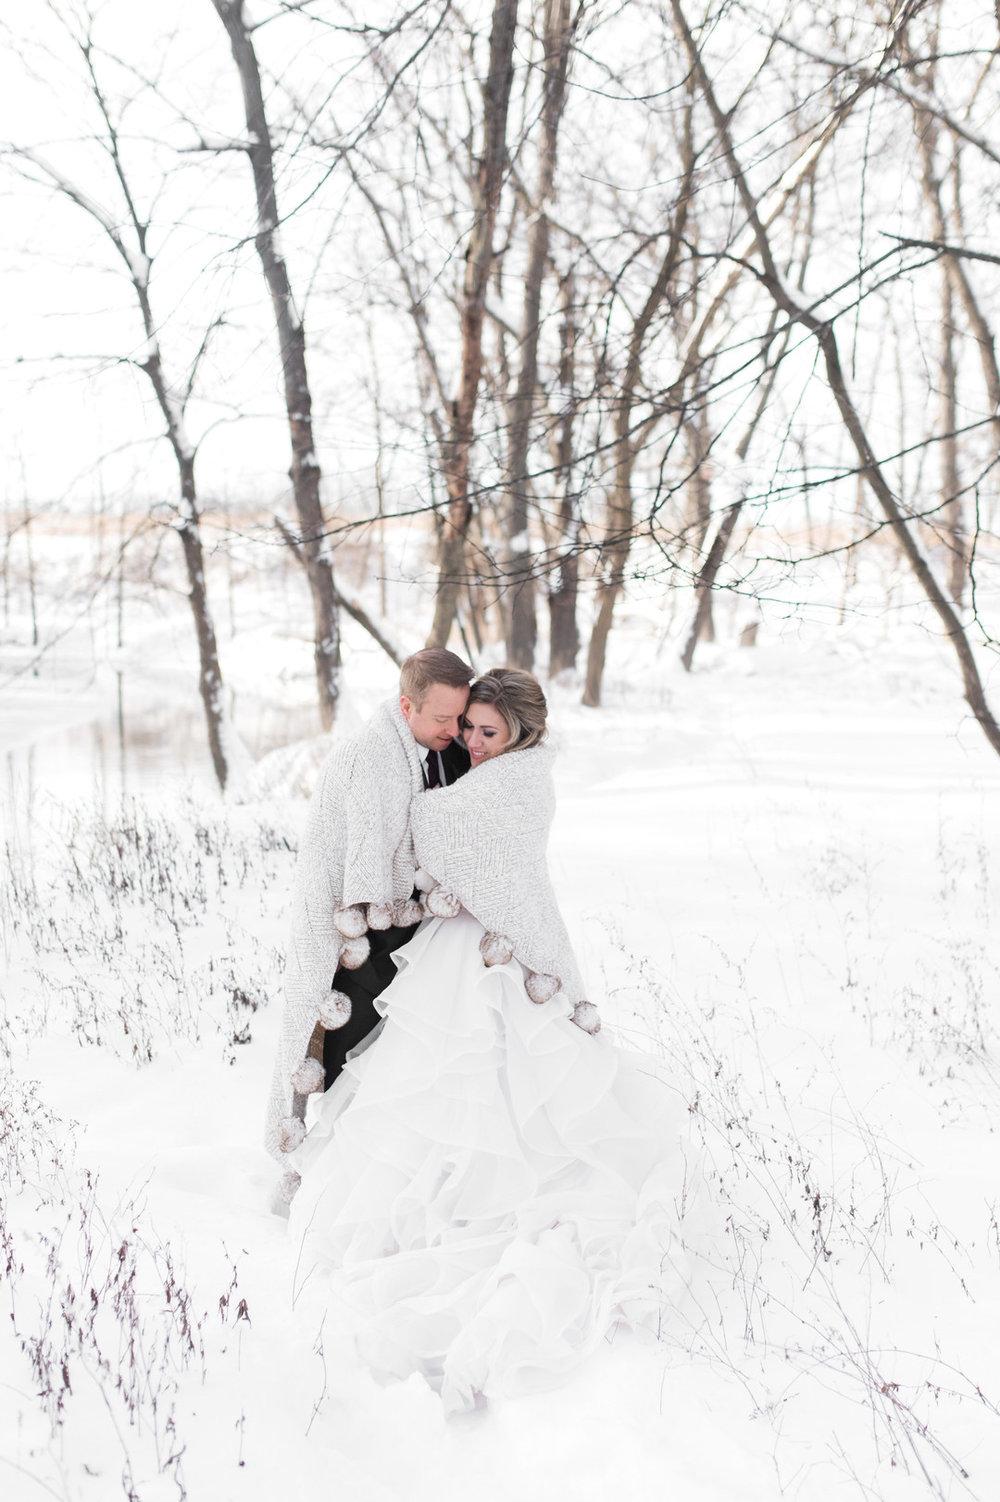 JenniferLouriePhotography_jenniferlouriephotography065_big.jpg